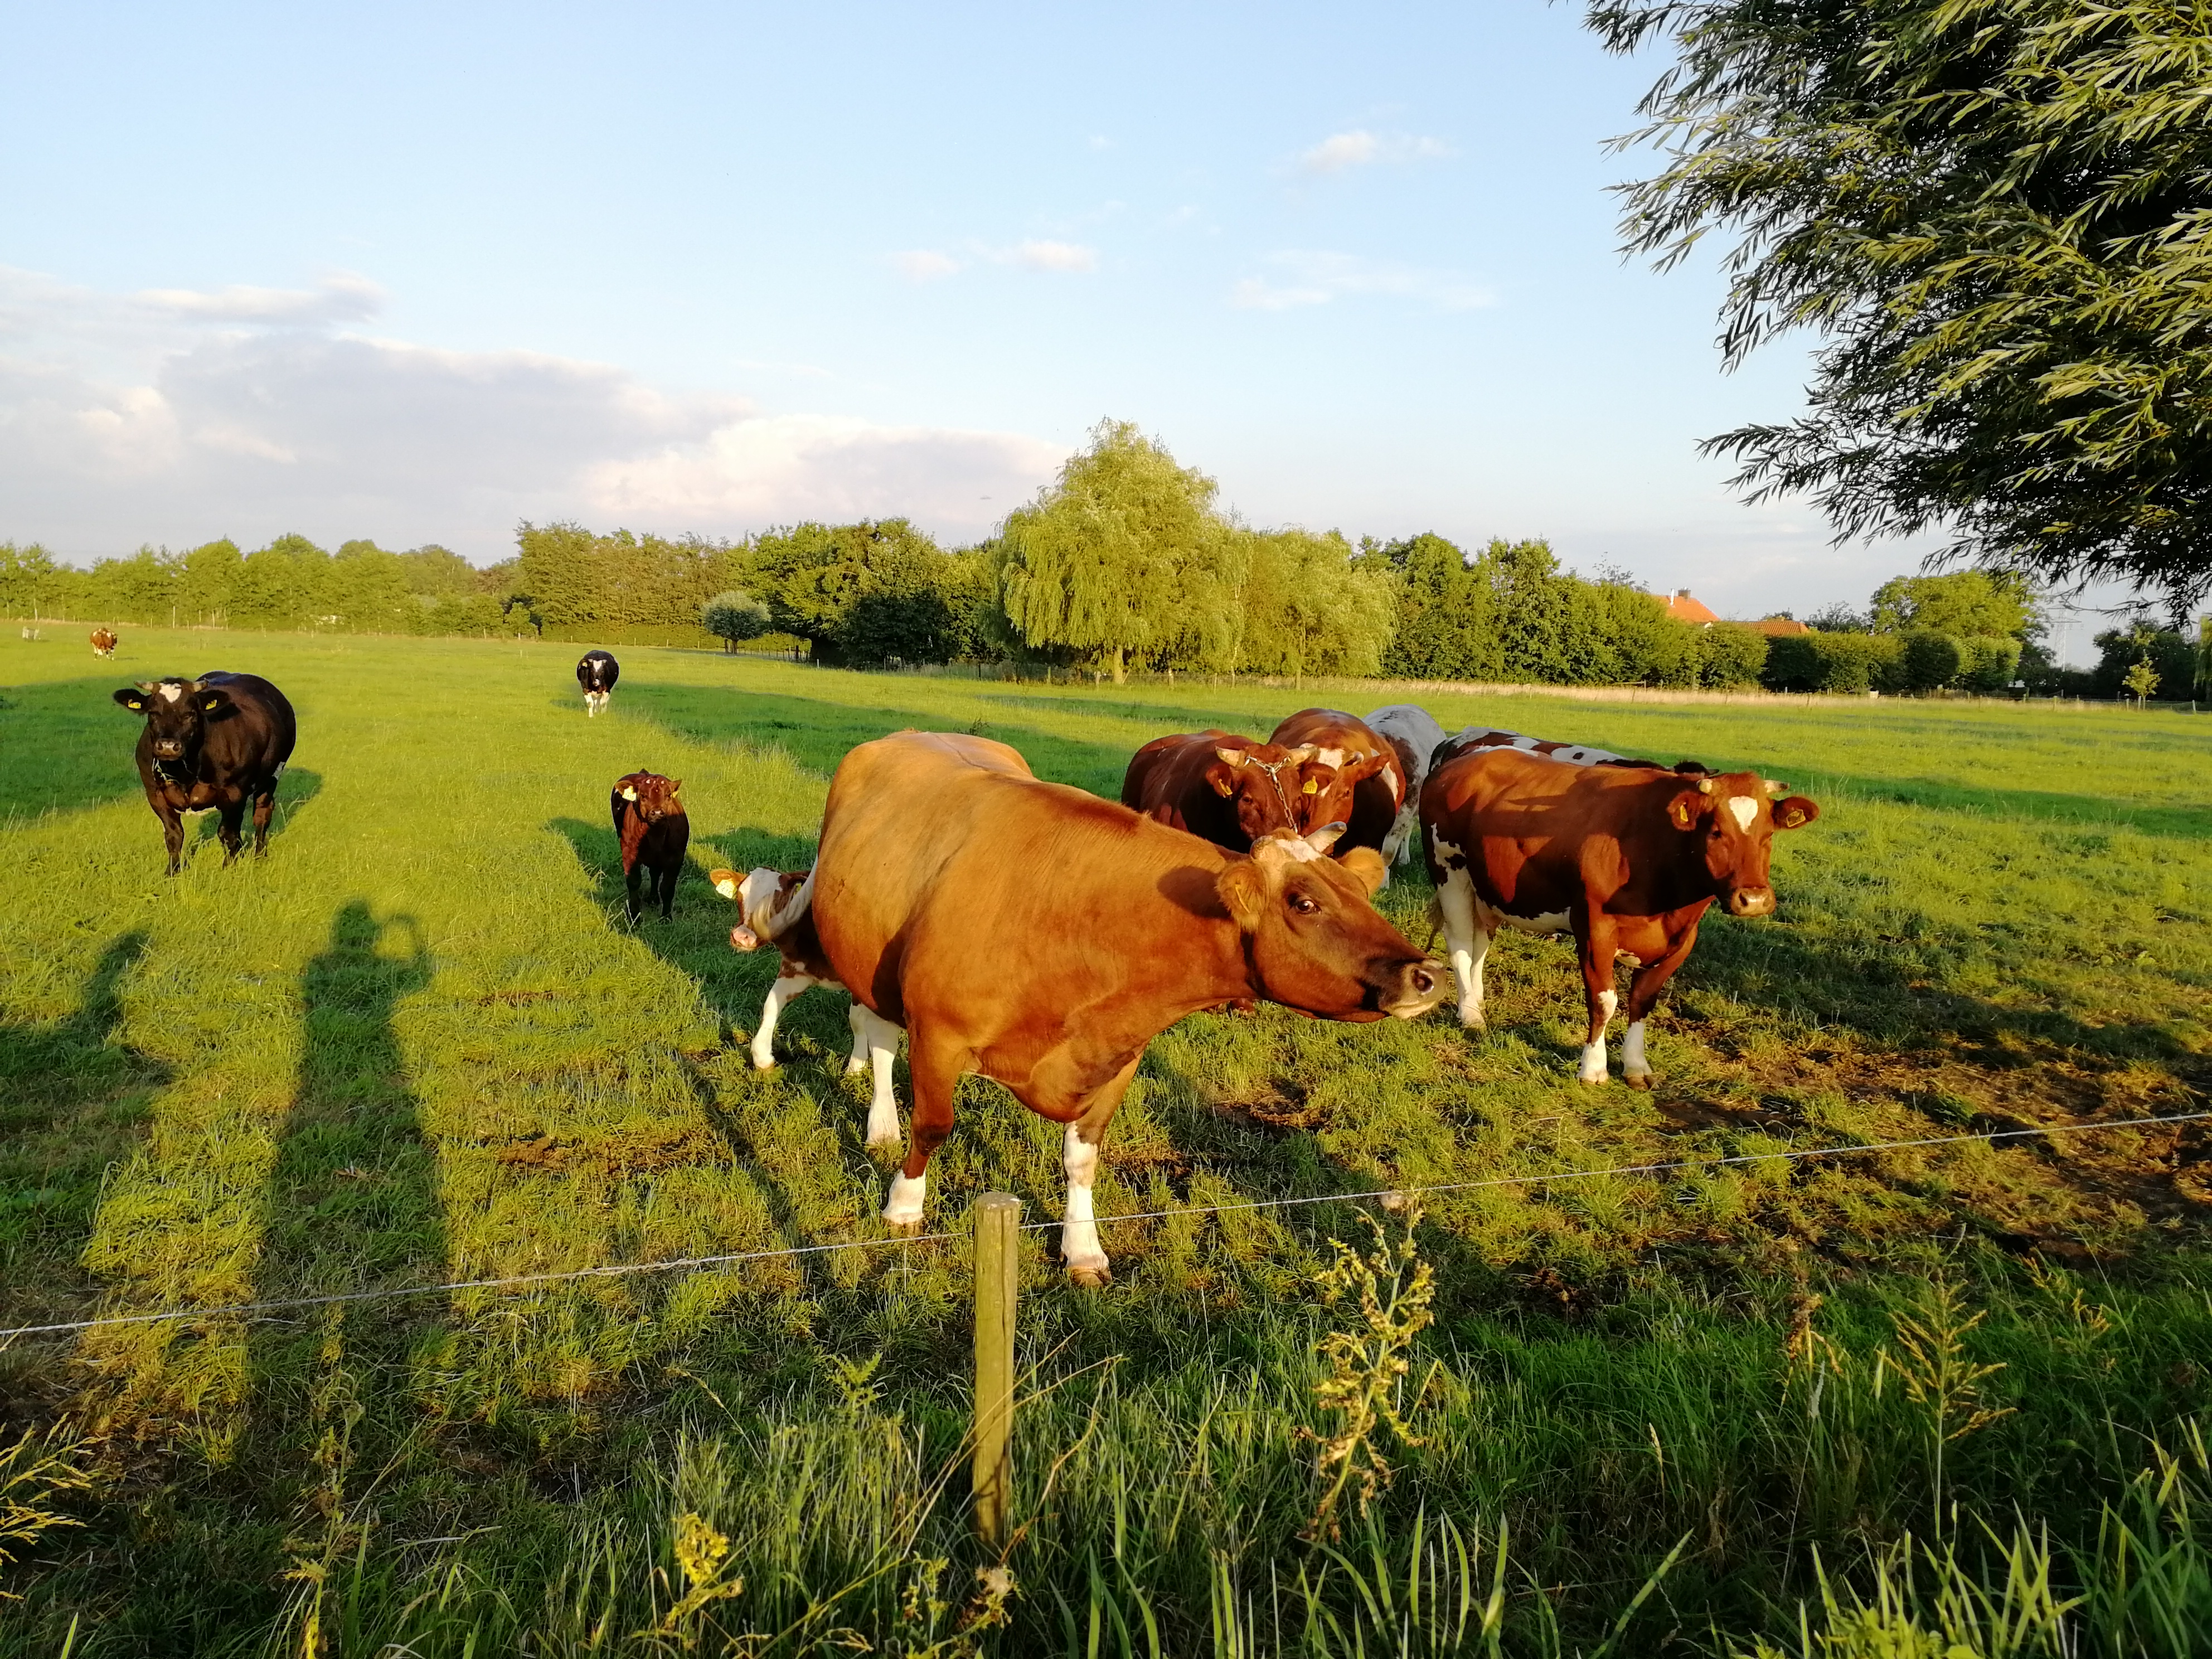 Ilustracija: Farma u Holandiji, foto: Svetlana Kovačević, Domaćinska kuća